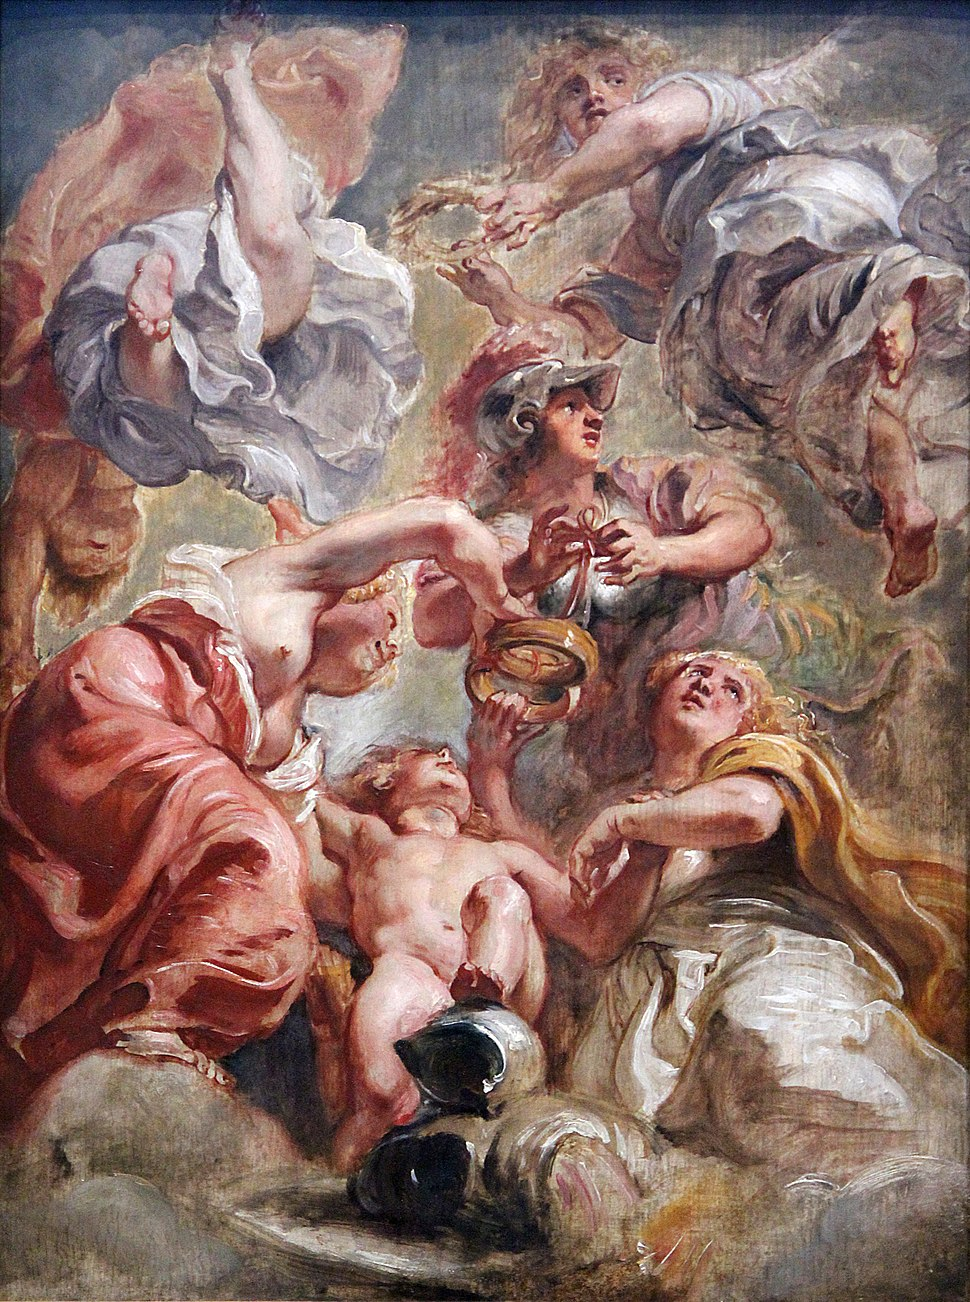 0 L'Angleterre et l'Écosse avec Minerve et l'Amour - P.P. Rubens (1)